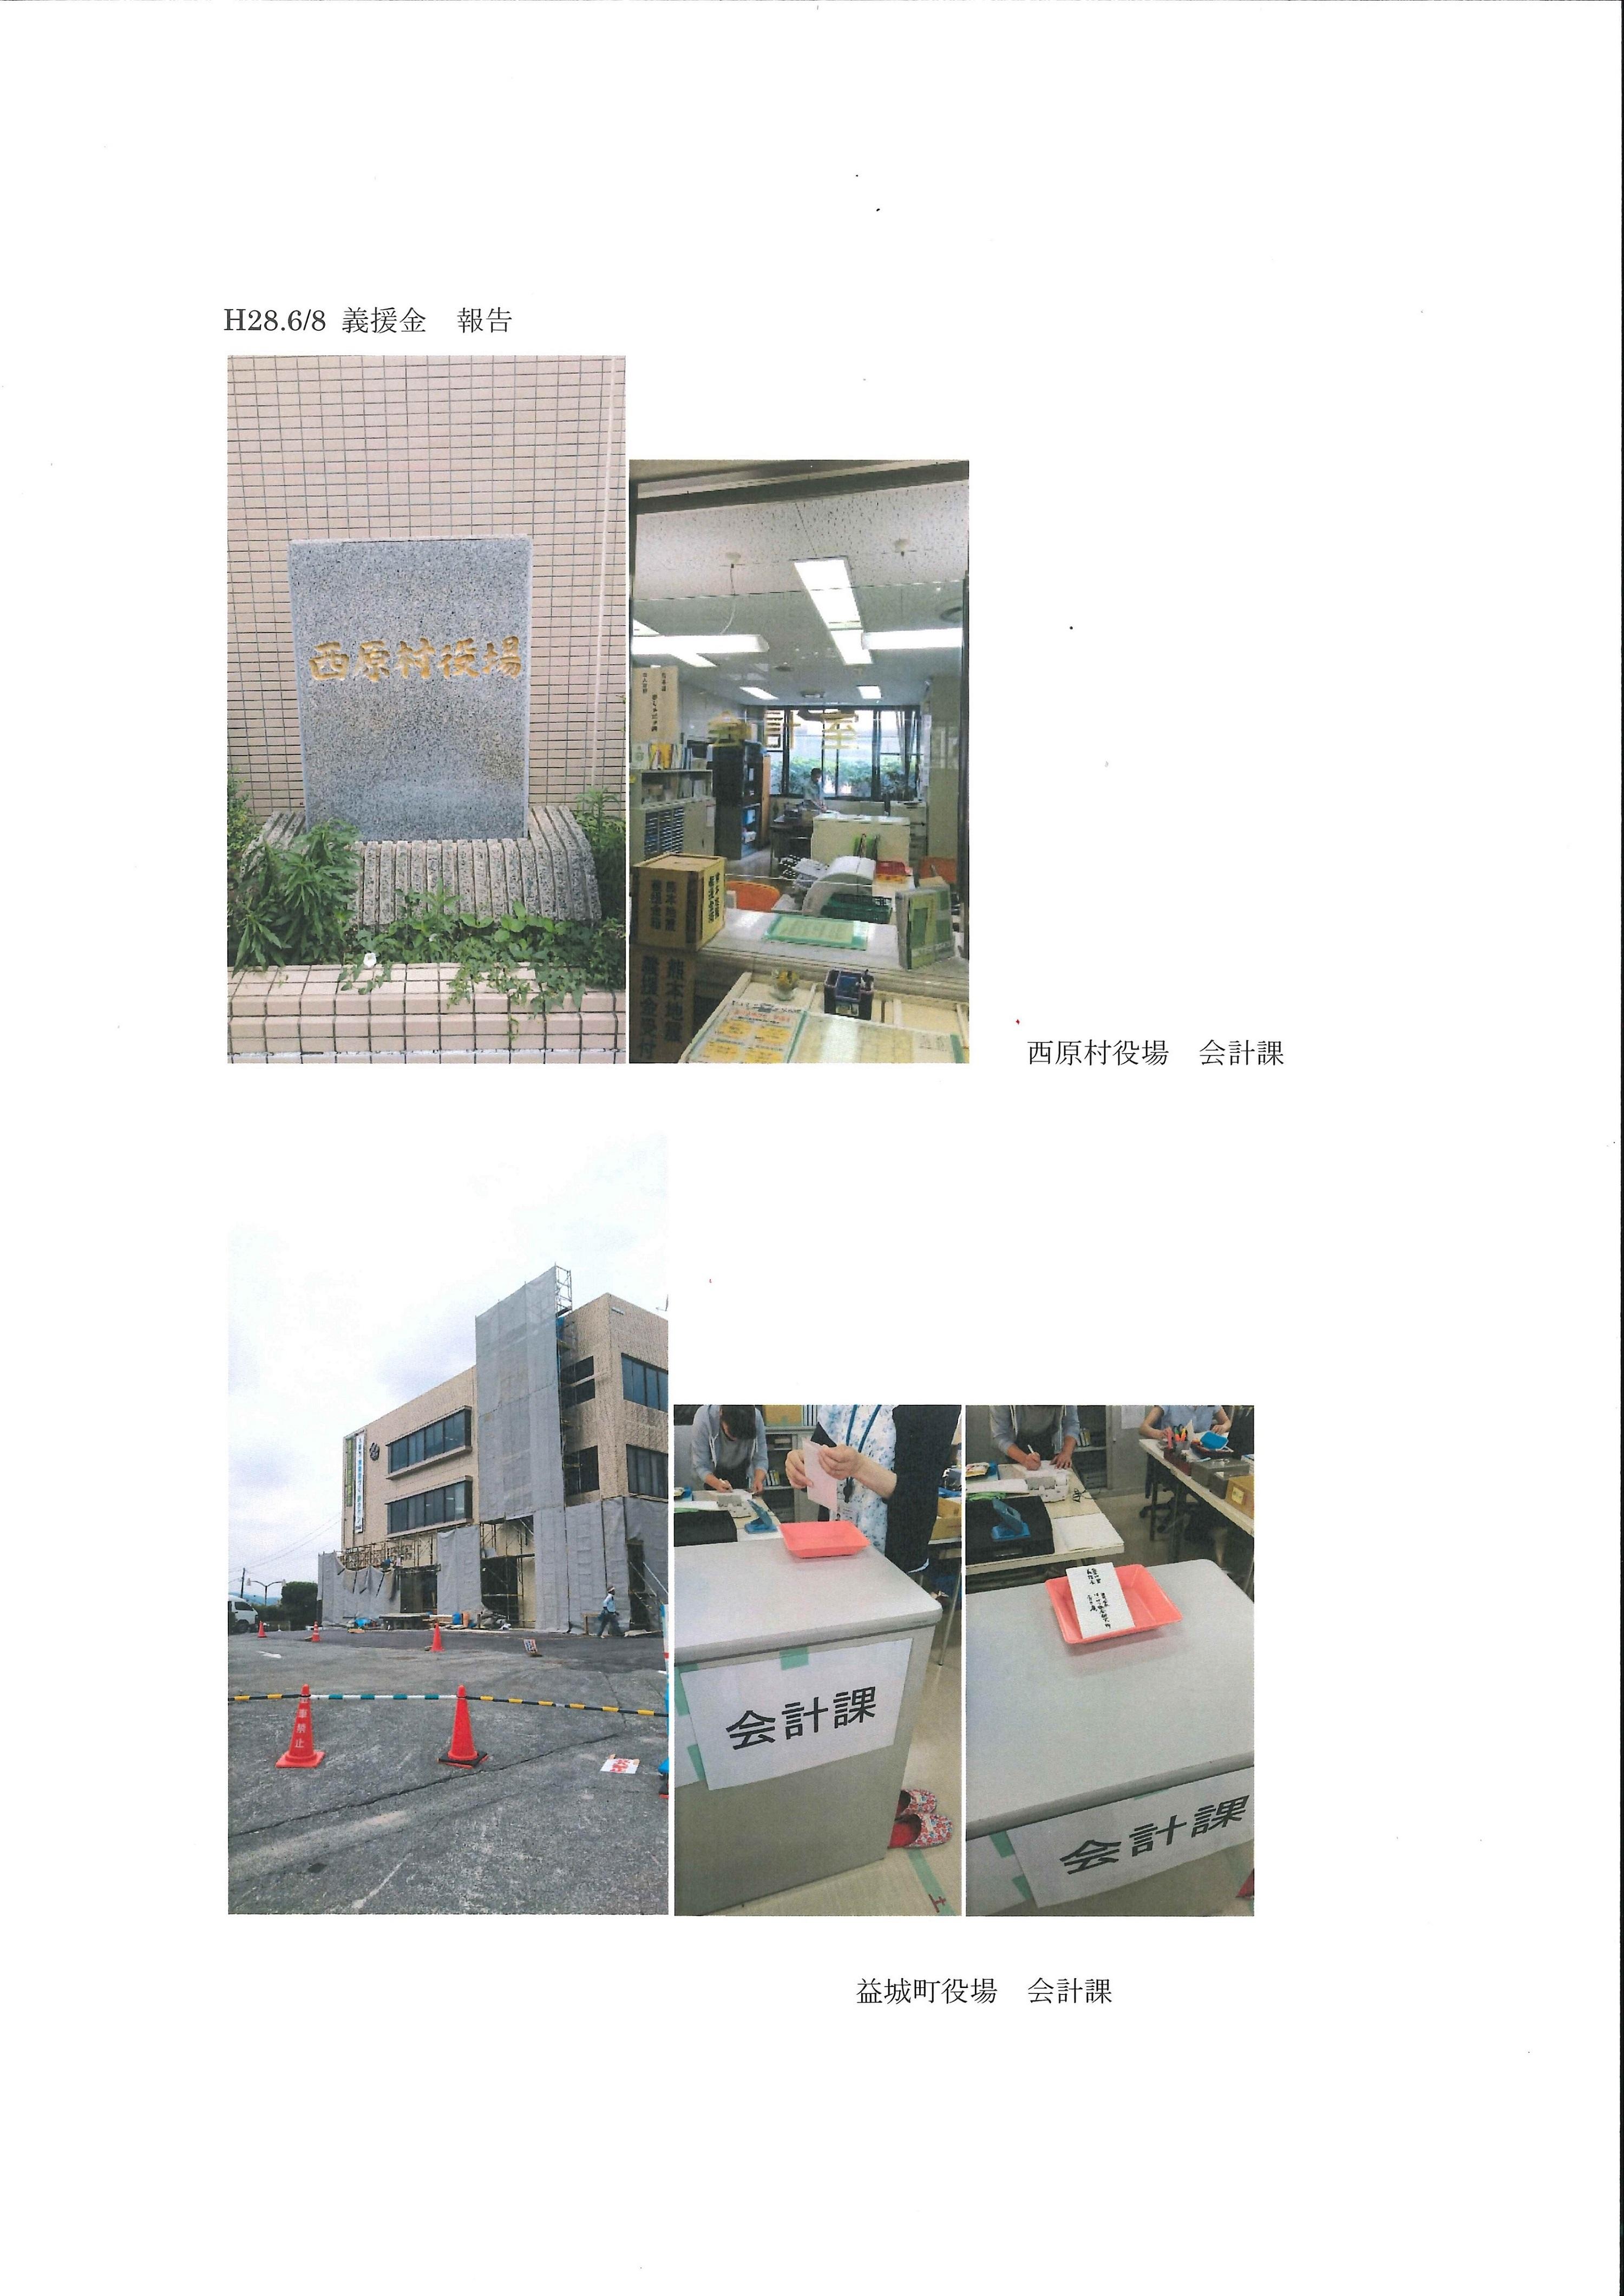 熊本地震義援金寄付画像